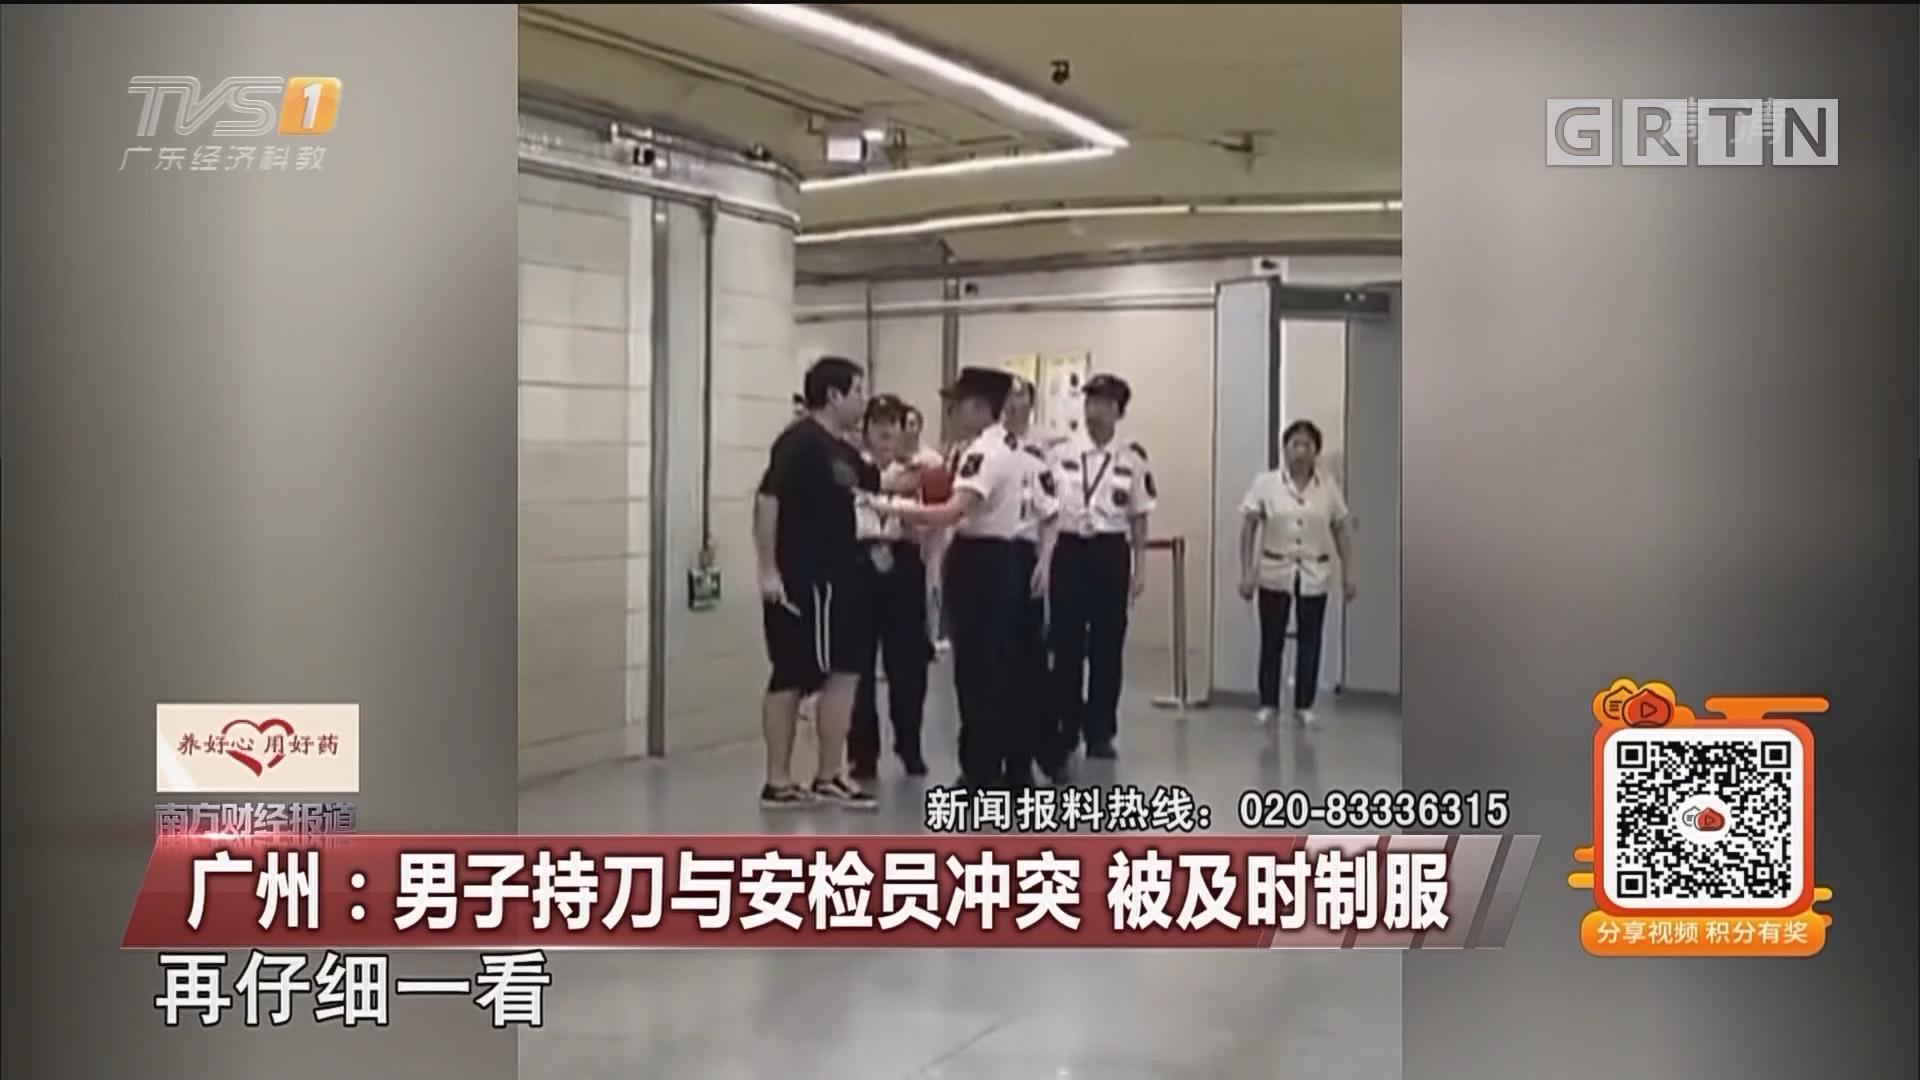 广州:男子持刀与安检员冲突 被及时制服